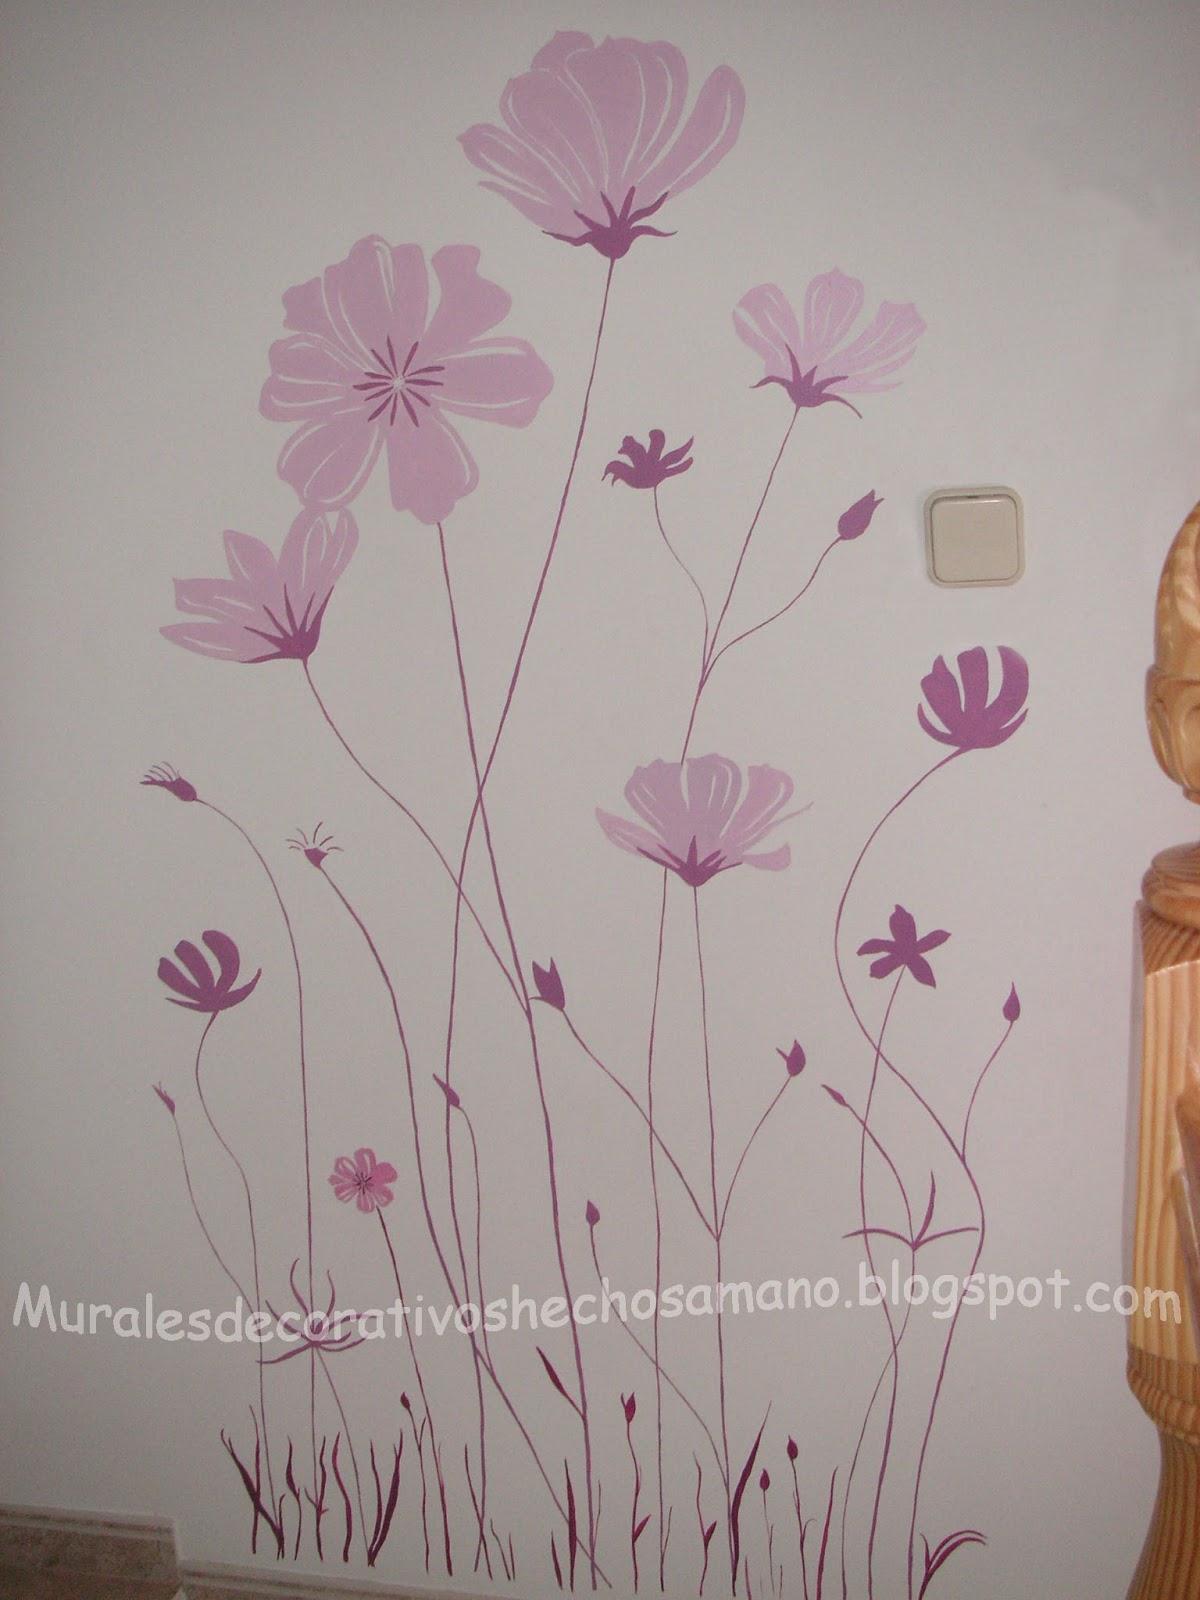 Diarios Murales y Cuadros Murales con Motivos flores